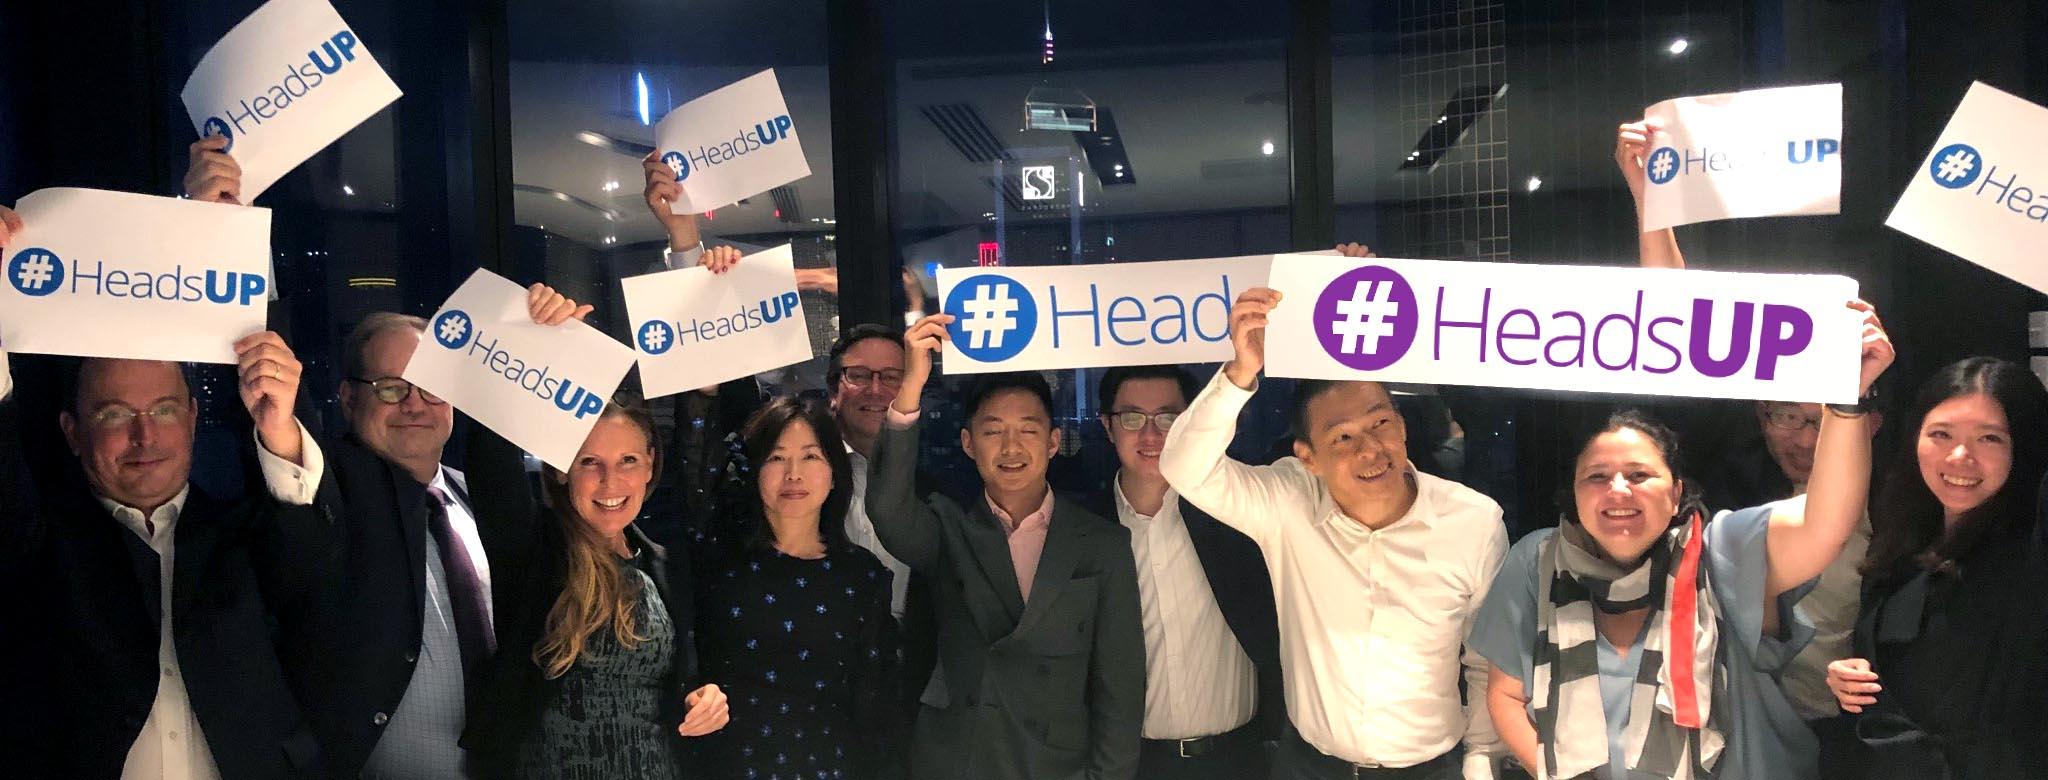 headsup_group